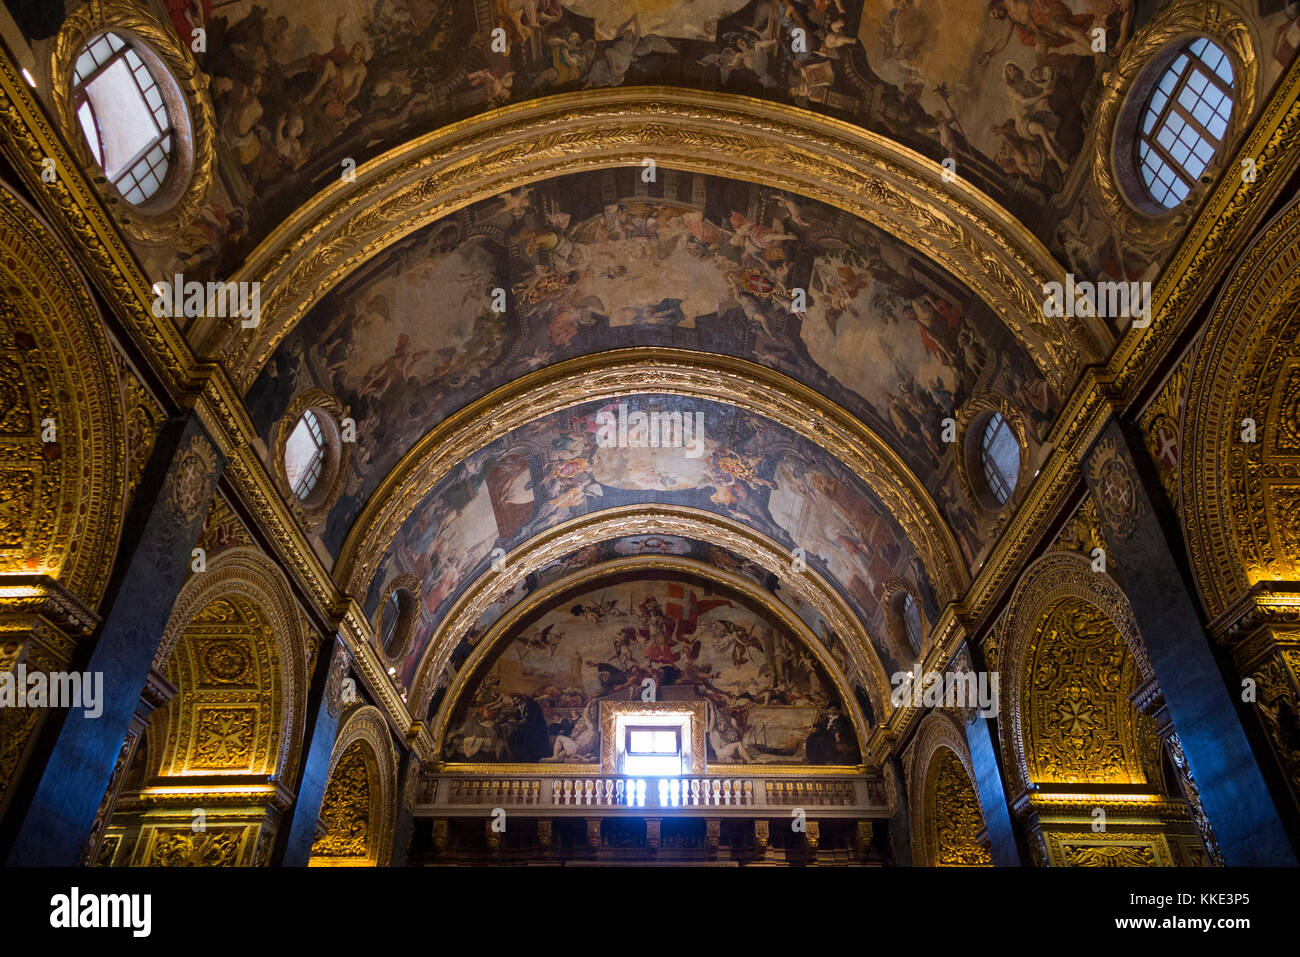 Soffitti A Volta Decorazioni : Soffitti decorati decorazione per interni trompe l oeil